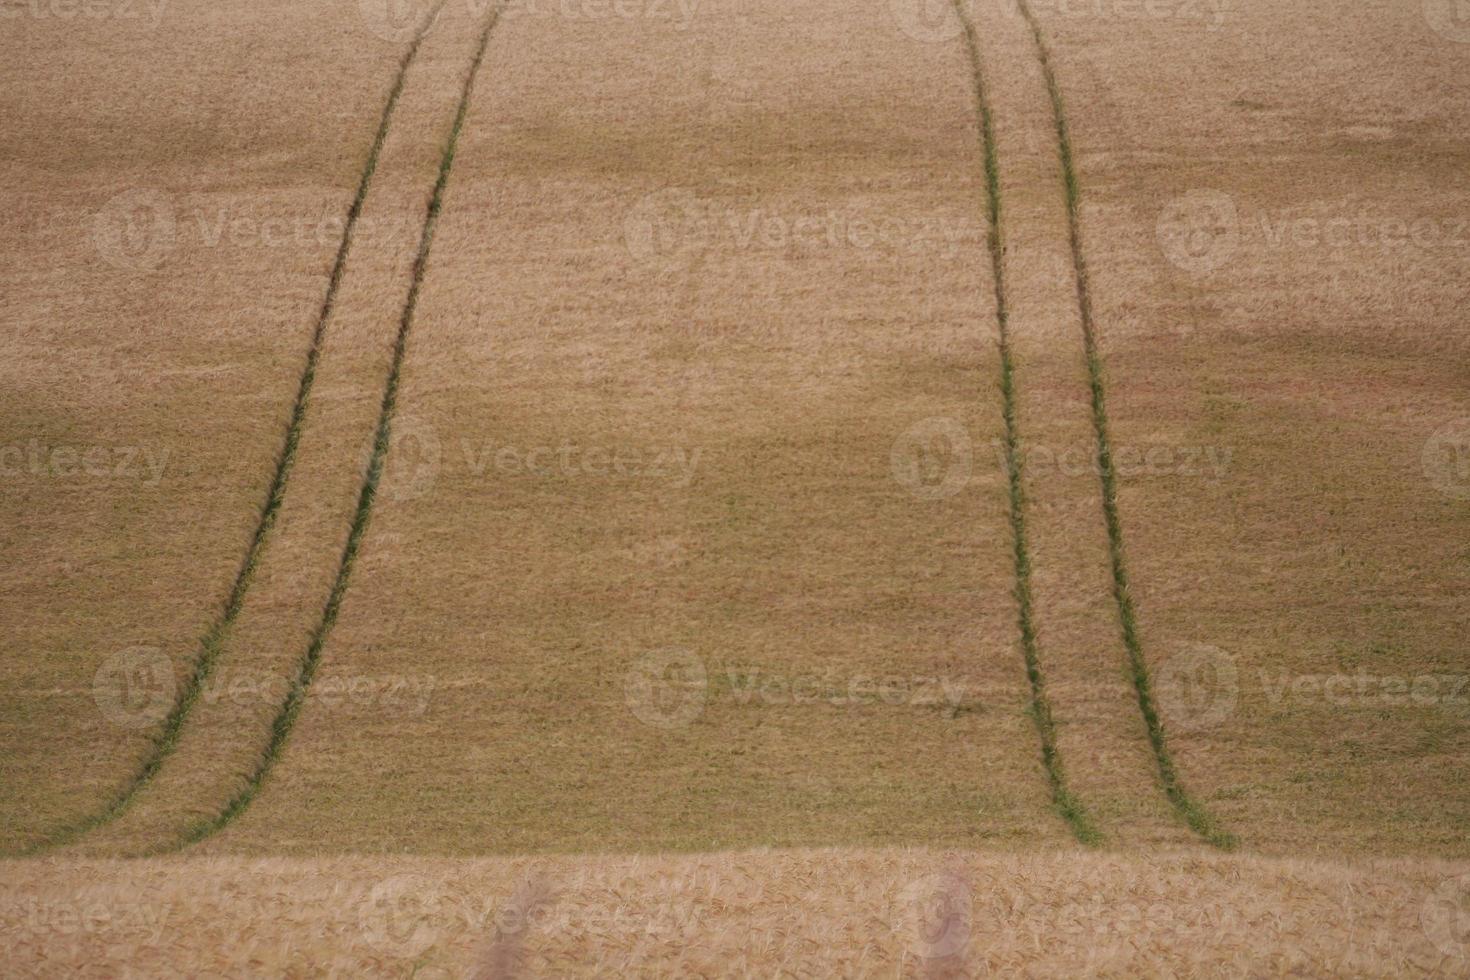 faixas de campo de trigo foto